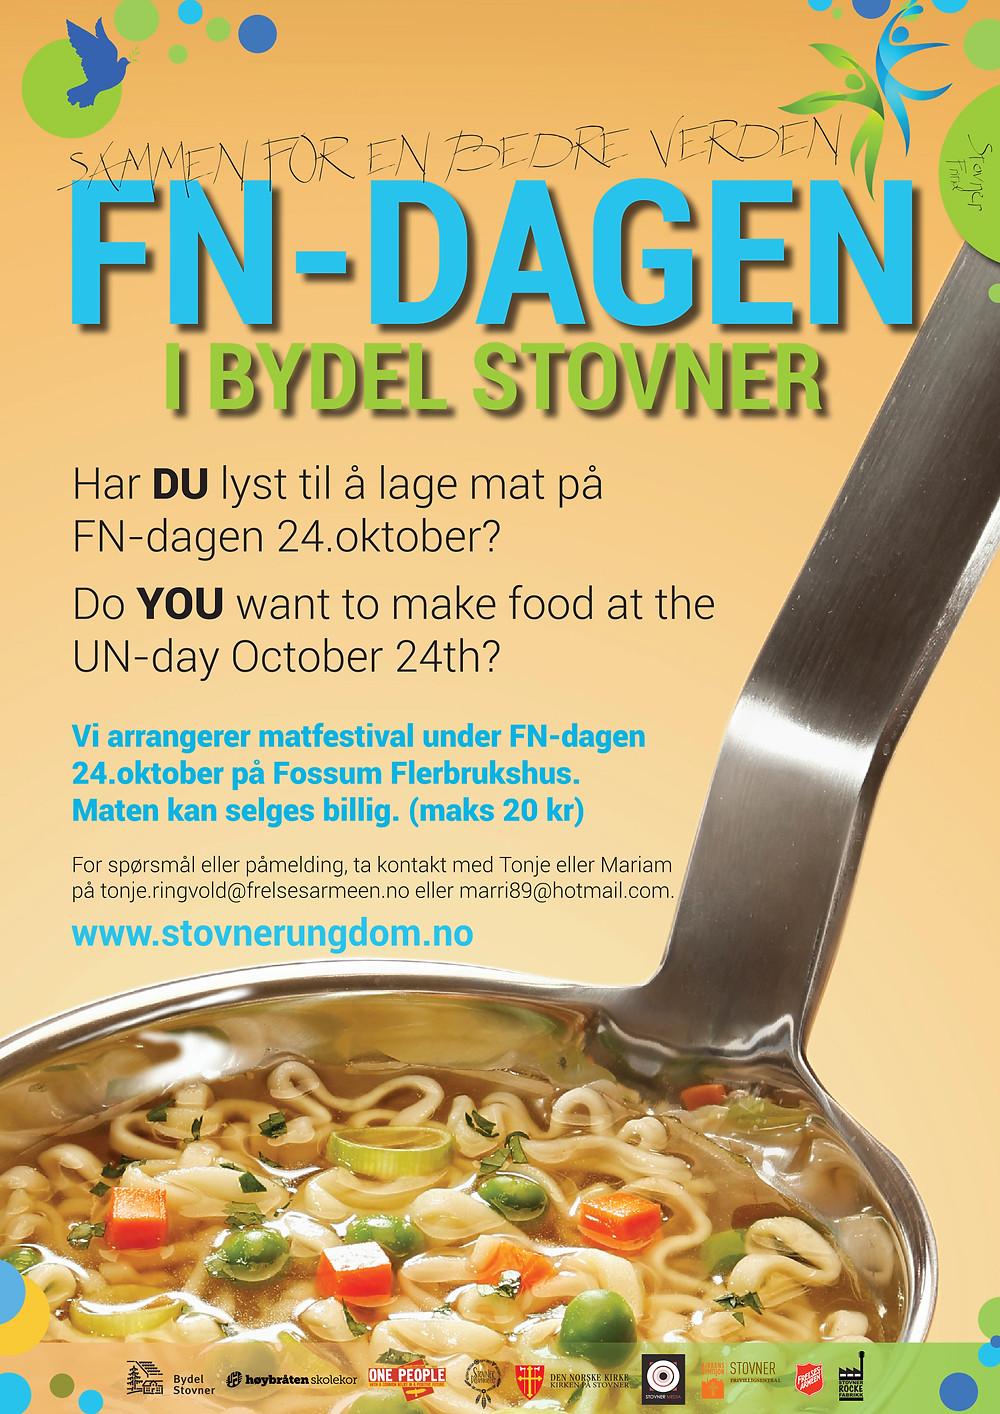 Kjenner du noen som vil lage/selge mat under matfestivalen på FN-dagen 2016 - del gjerne dette med dem!